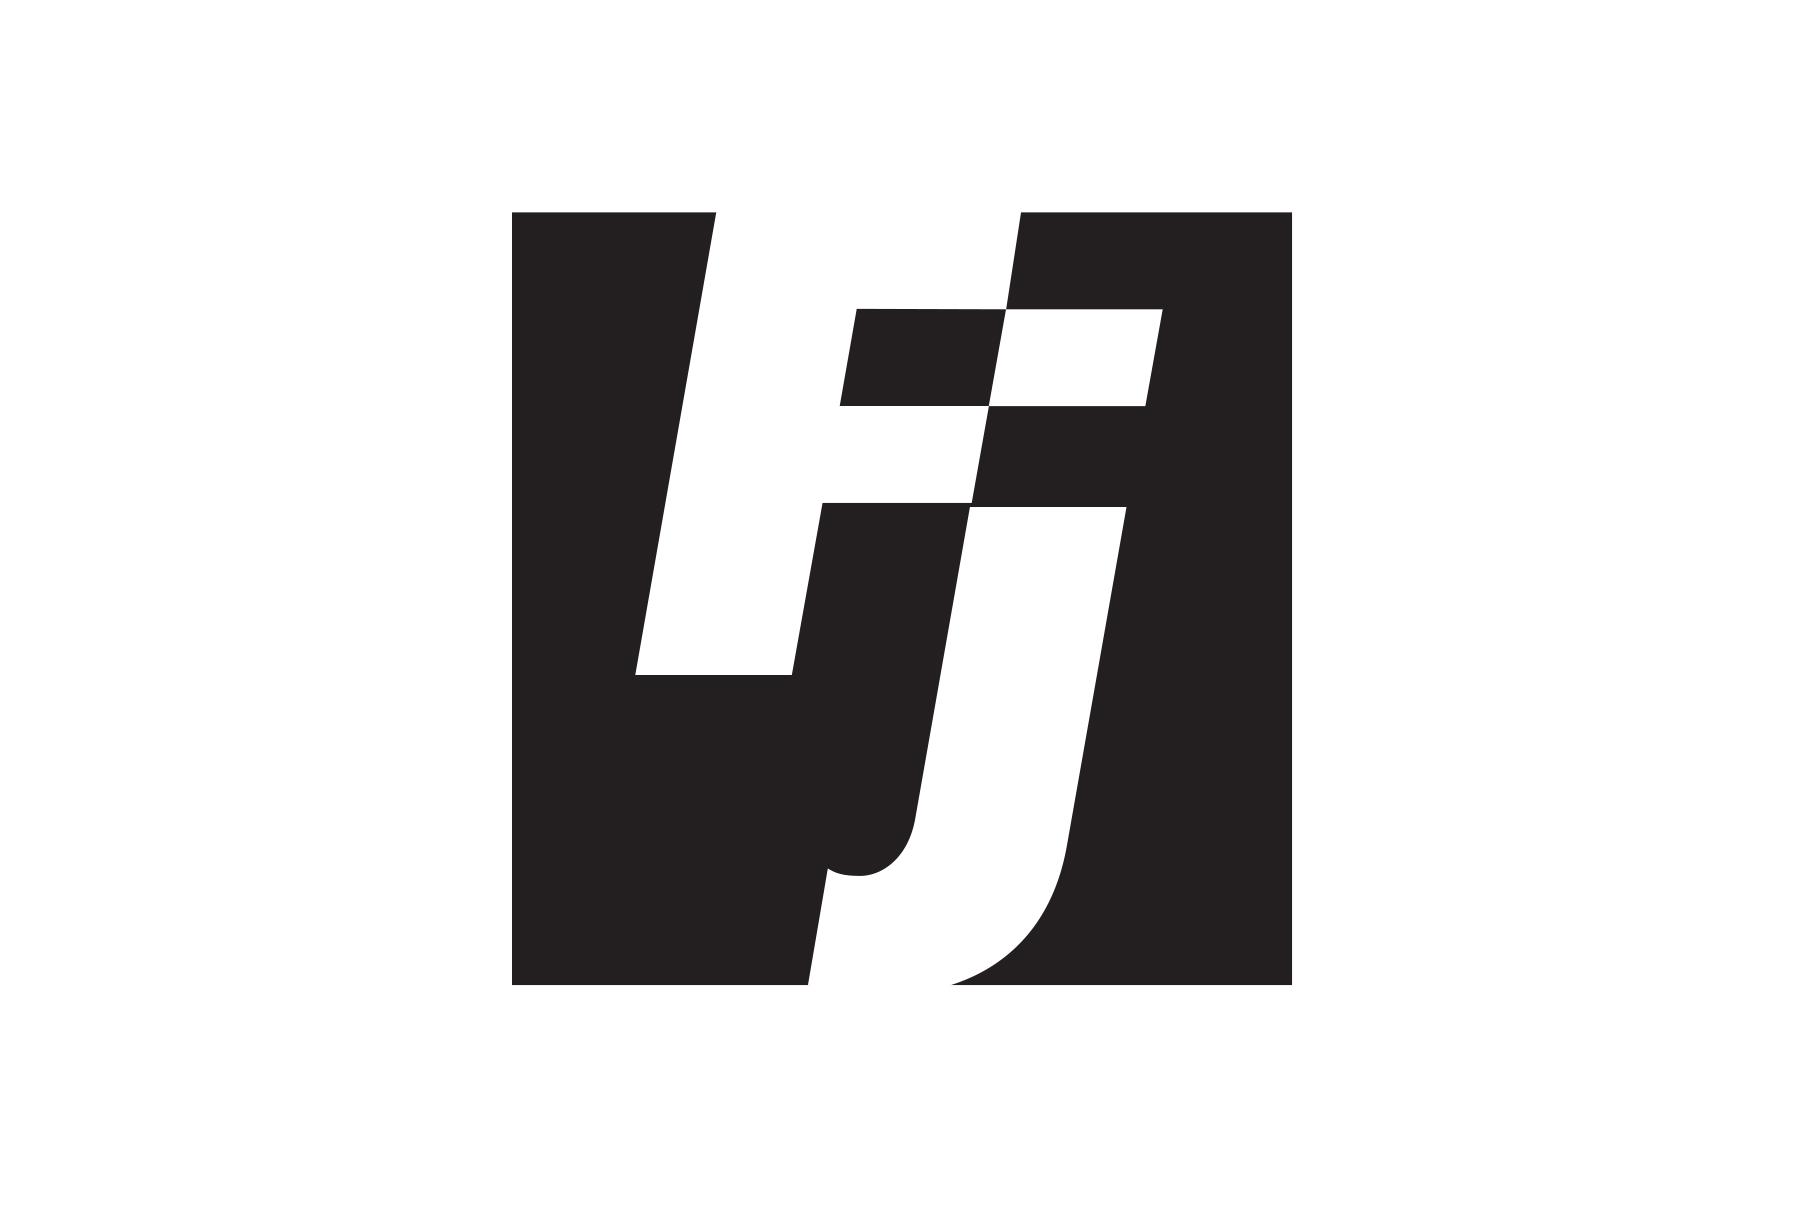 03 FJ_pattern_single.jpg